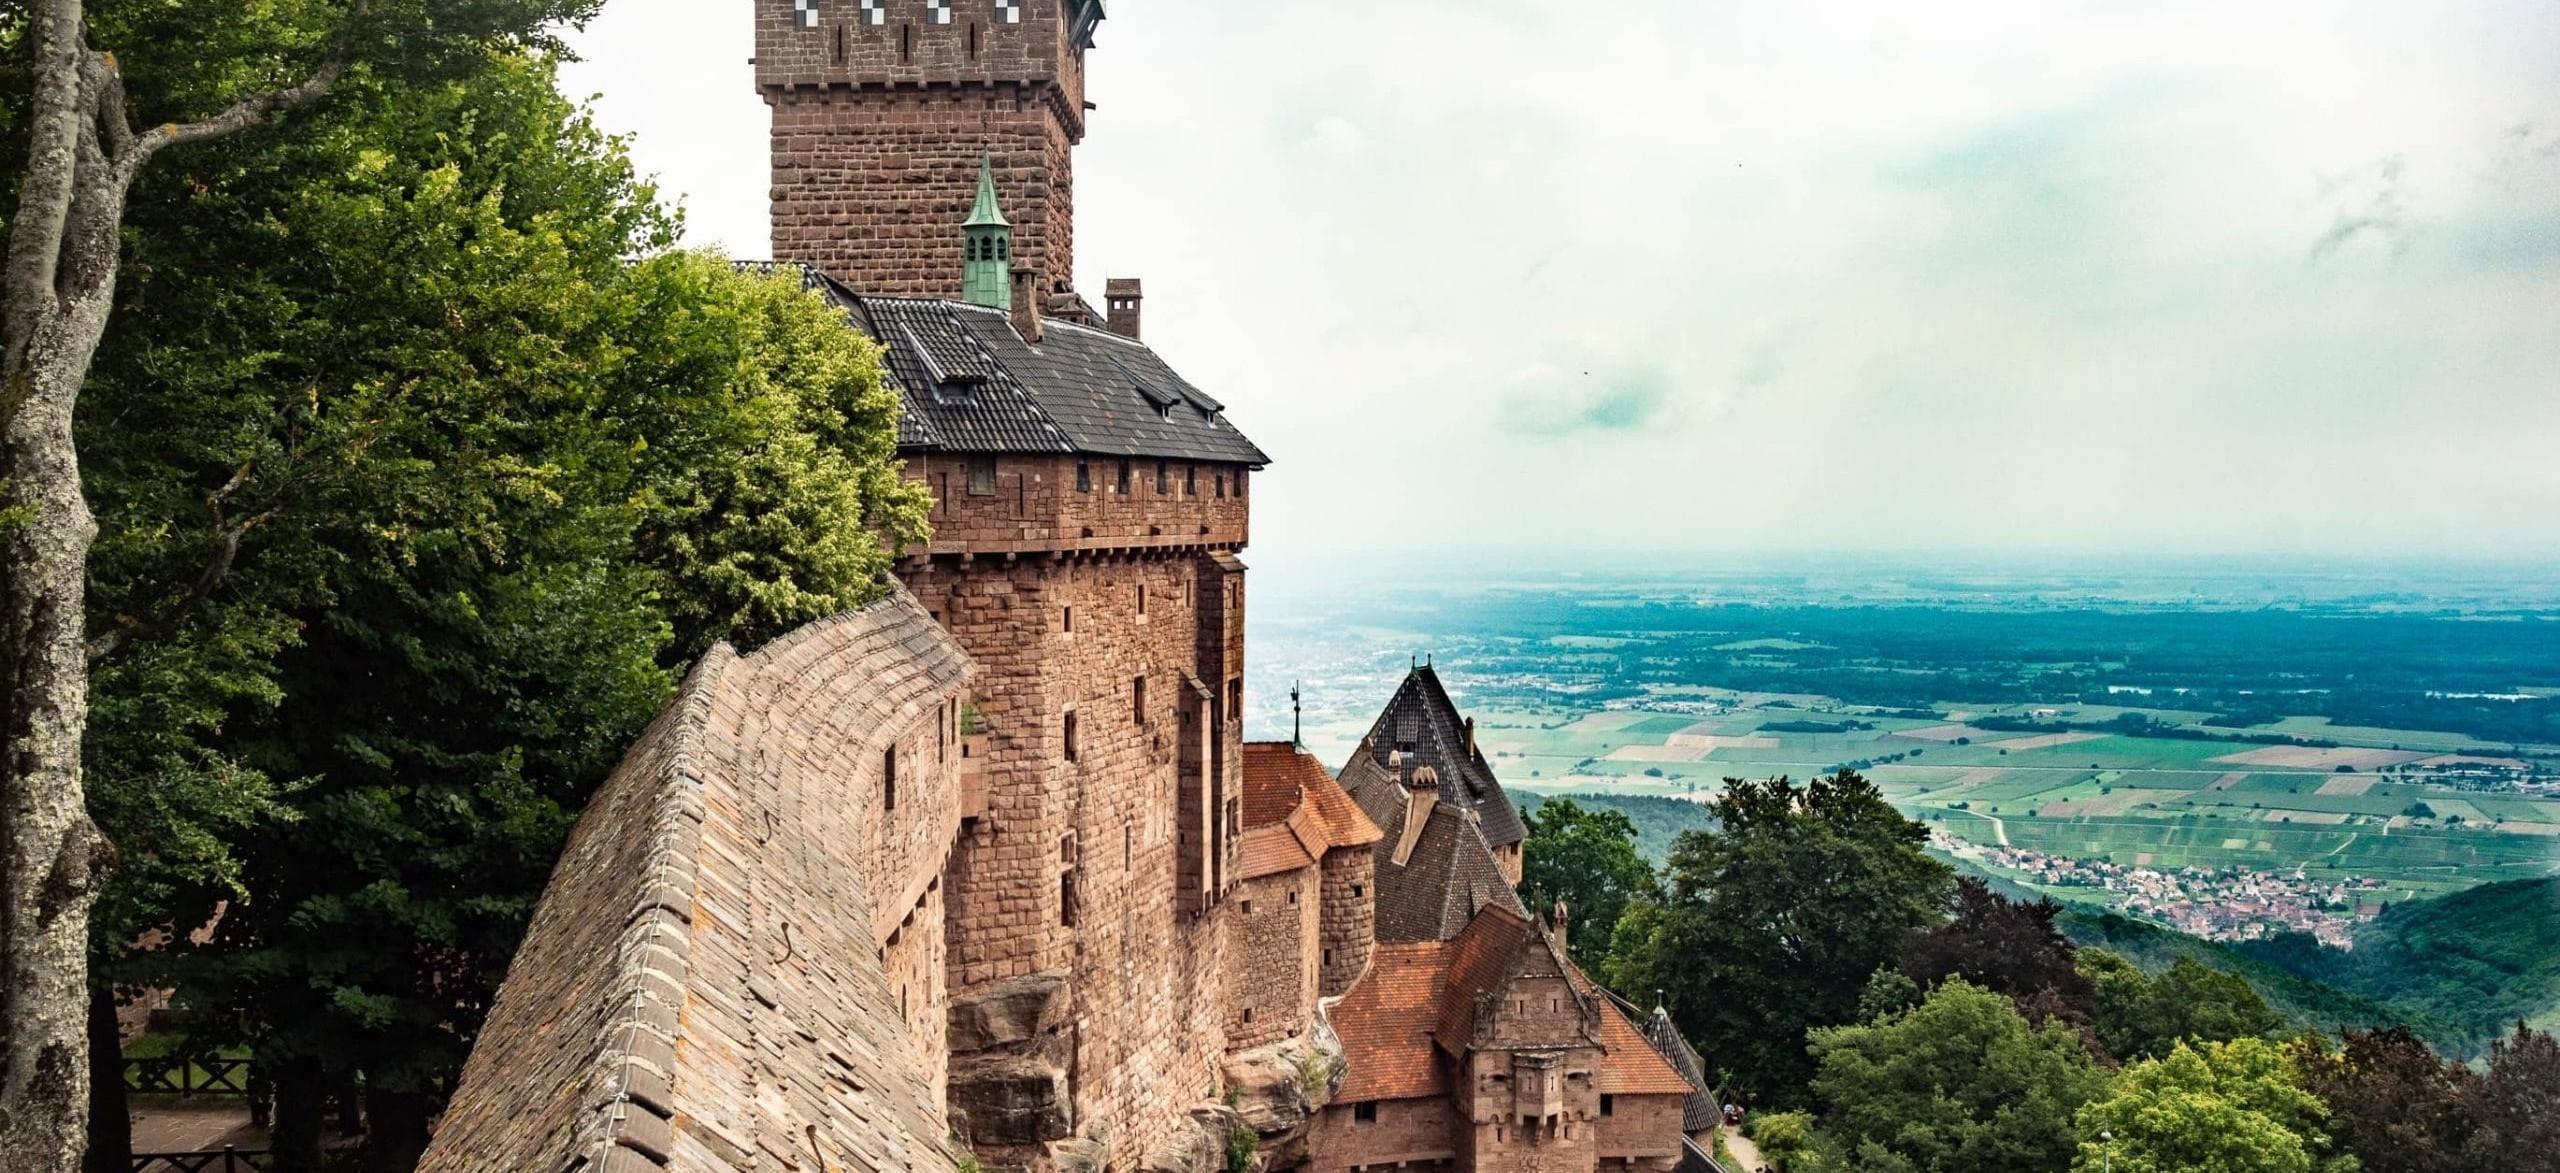 Château de Koenigsbourg en Alsace